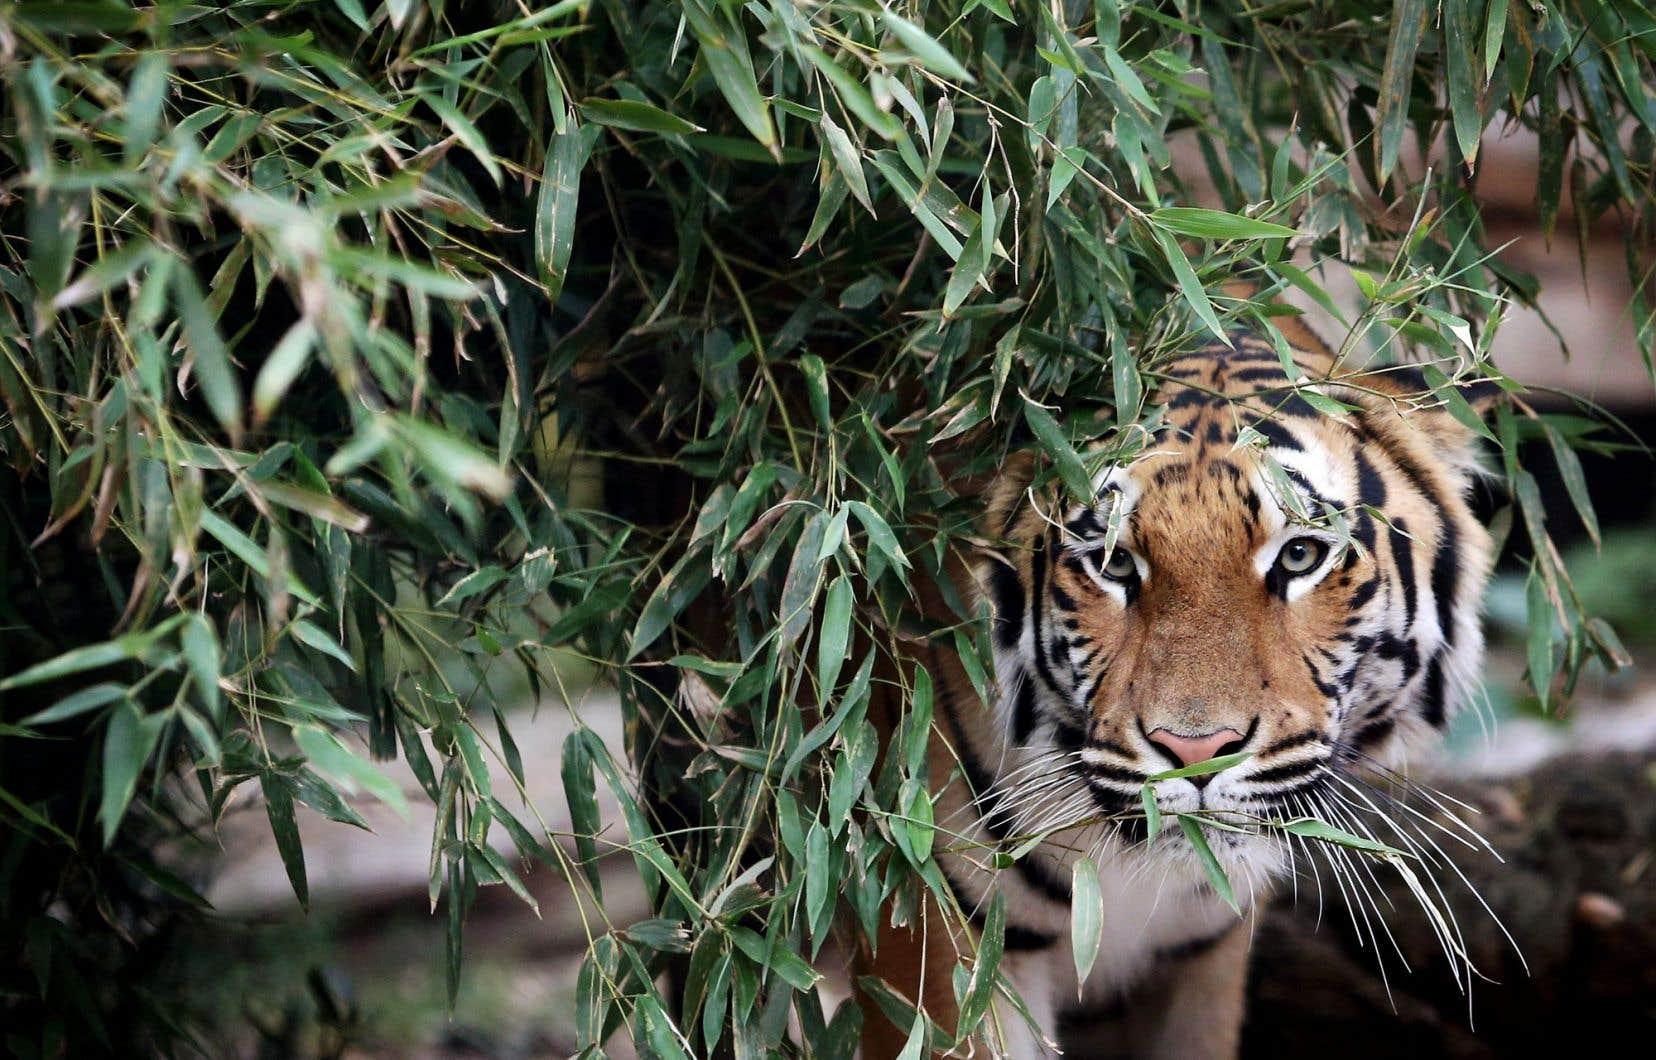 La figure du tigre polarise des passions sauvages, exacerbées par le danger, dans le roman de Patrick Grainville.